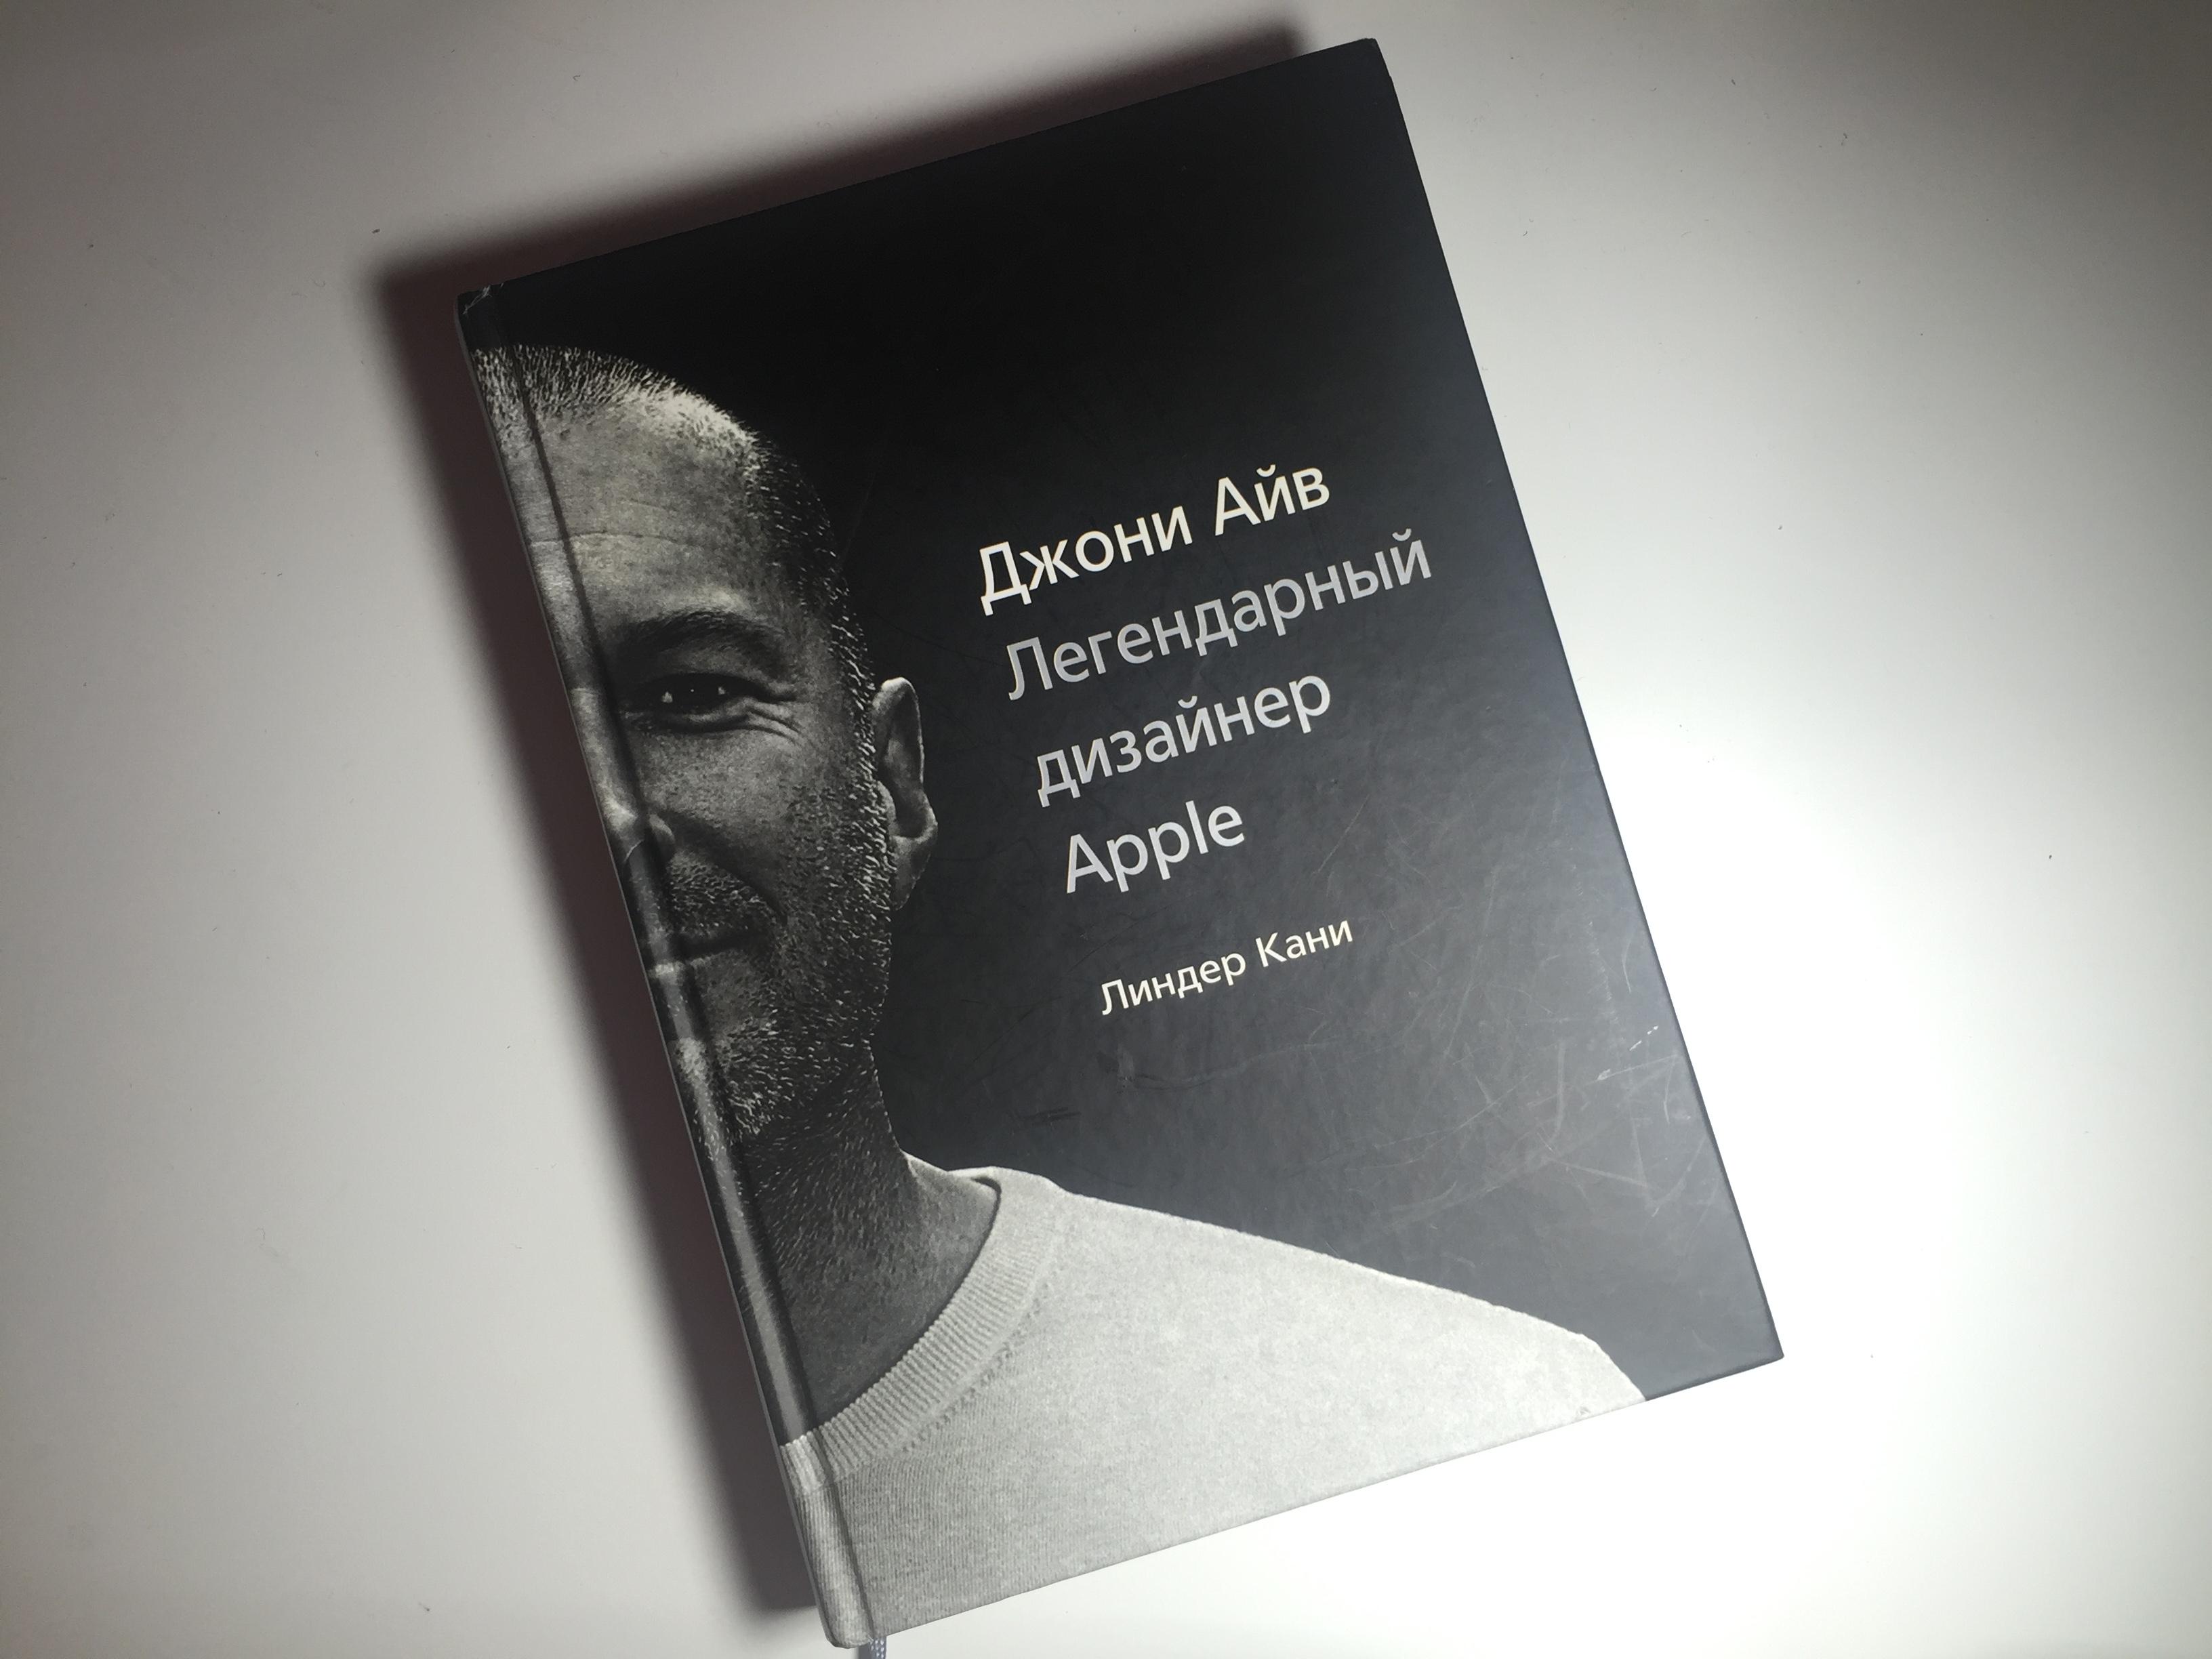 Обзор книги: Джони Айв — Легендарный дизайнер Apple